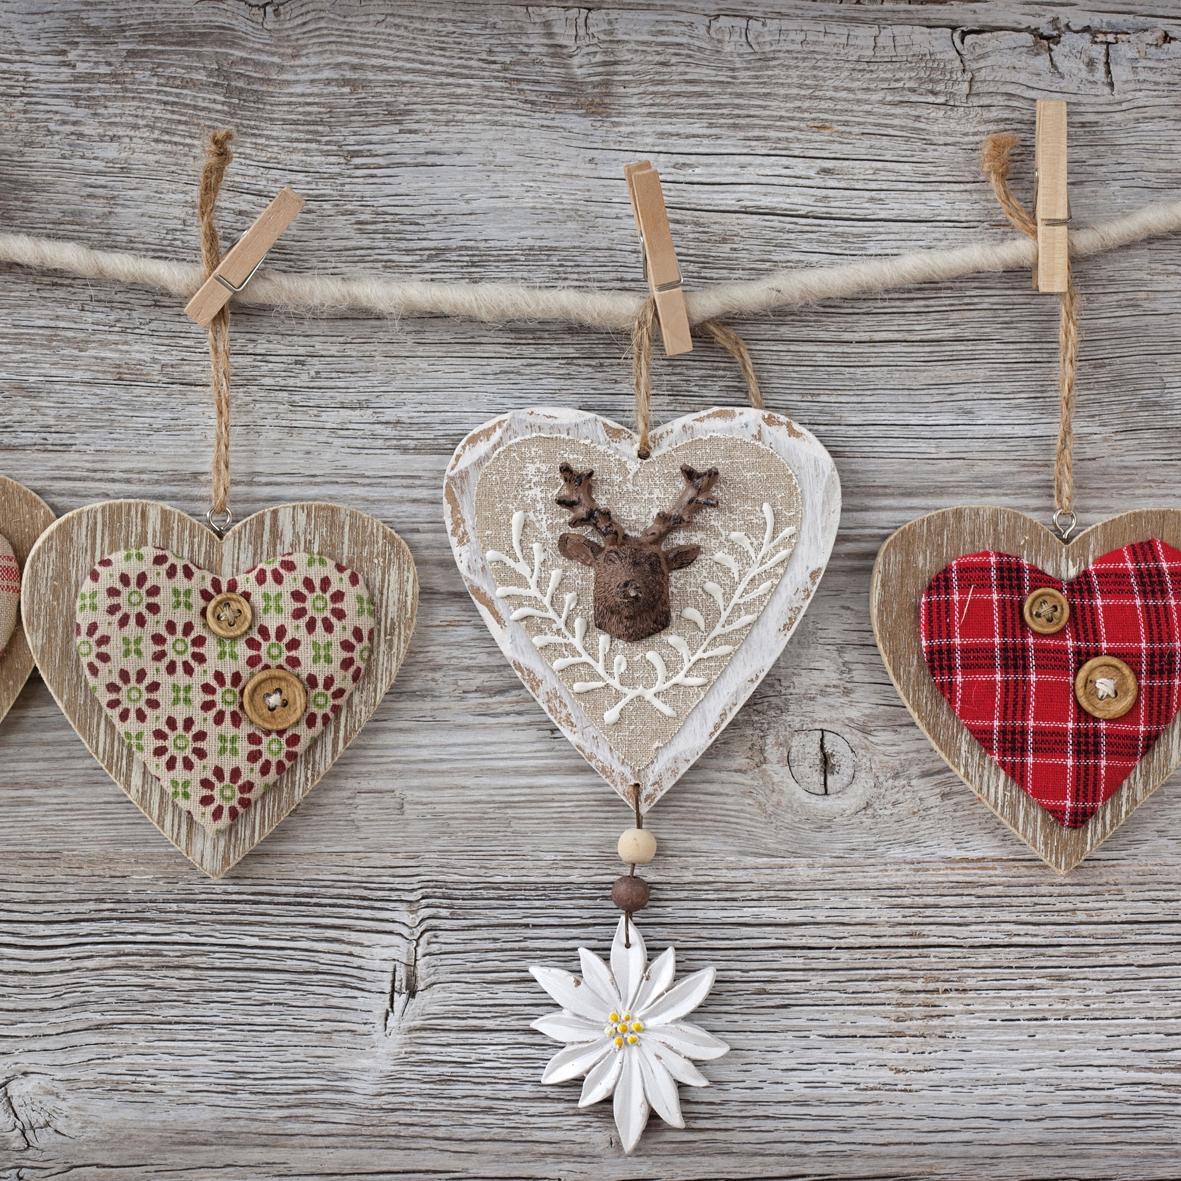 Lunch Servietten Folksy Hearts,  Tiere - Reh / Hirsch,  Sonstiges -  Sonstiges,  Blumen -  Sonstige,  Weihnachten,  lunchservietten,  Herzen,  Blumen,  Hirsch